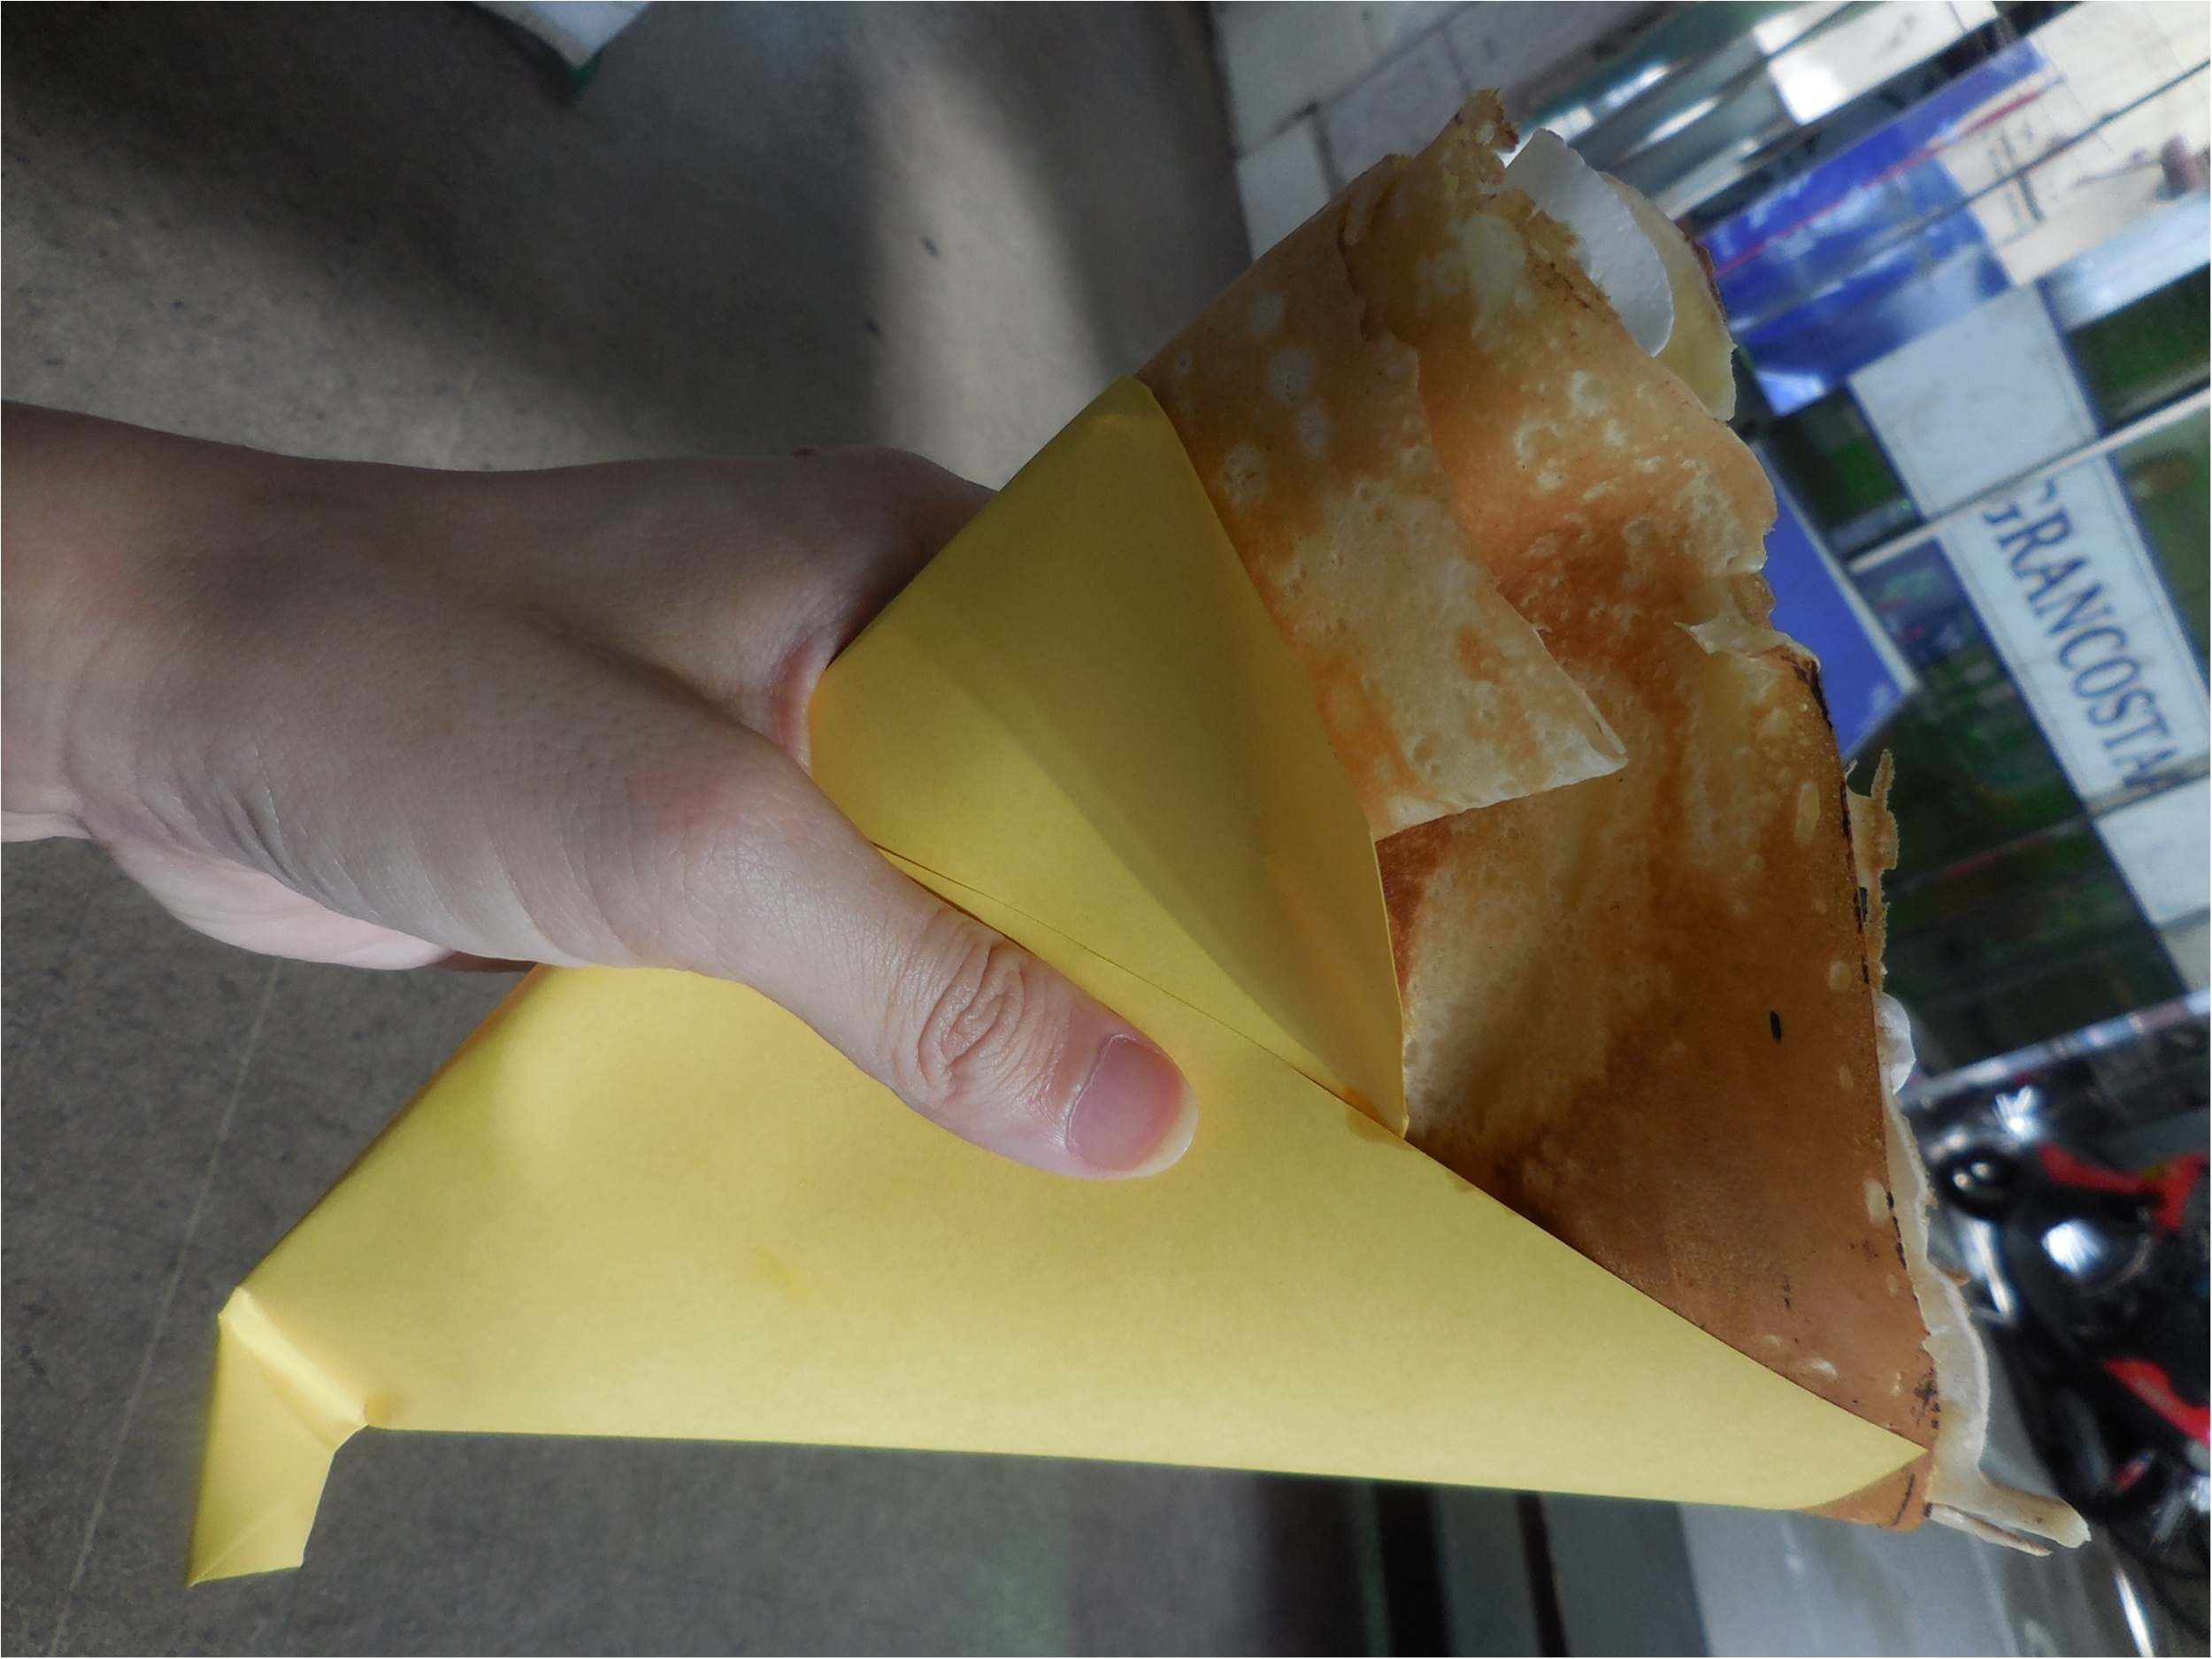 【吉祥寺クレープ】吉祥寺一コスパ◎、おいしいクレープ。これを見たら絶対食べたくなります。_12